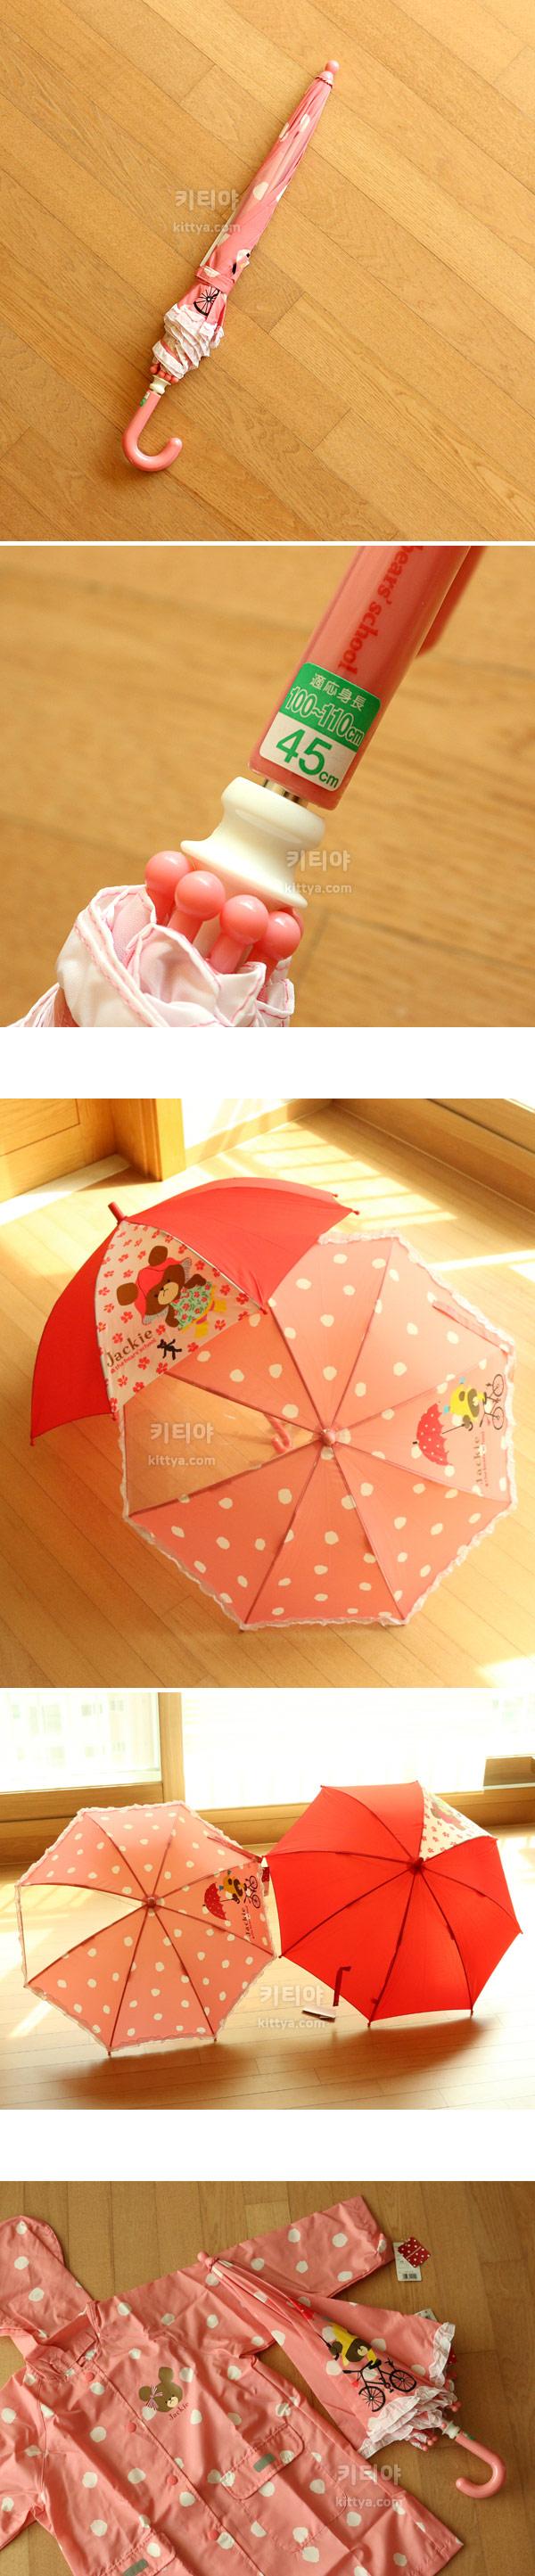 베어스쿨 재키 수동 장우산 45cm (핑크 도트) - 키티야, 41,600원, 우산, 자동장우산